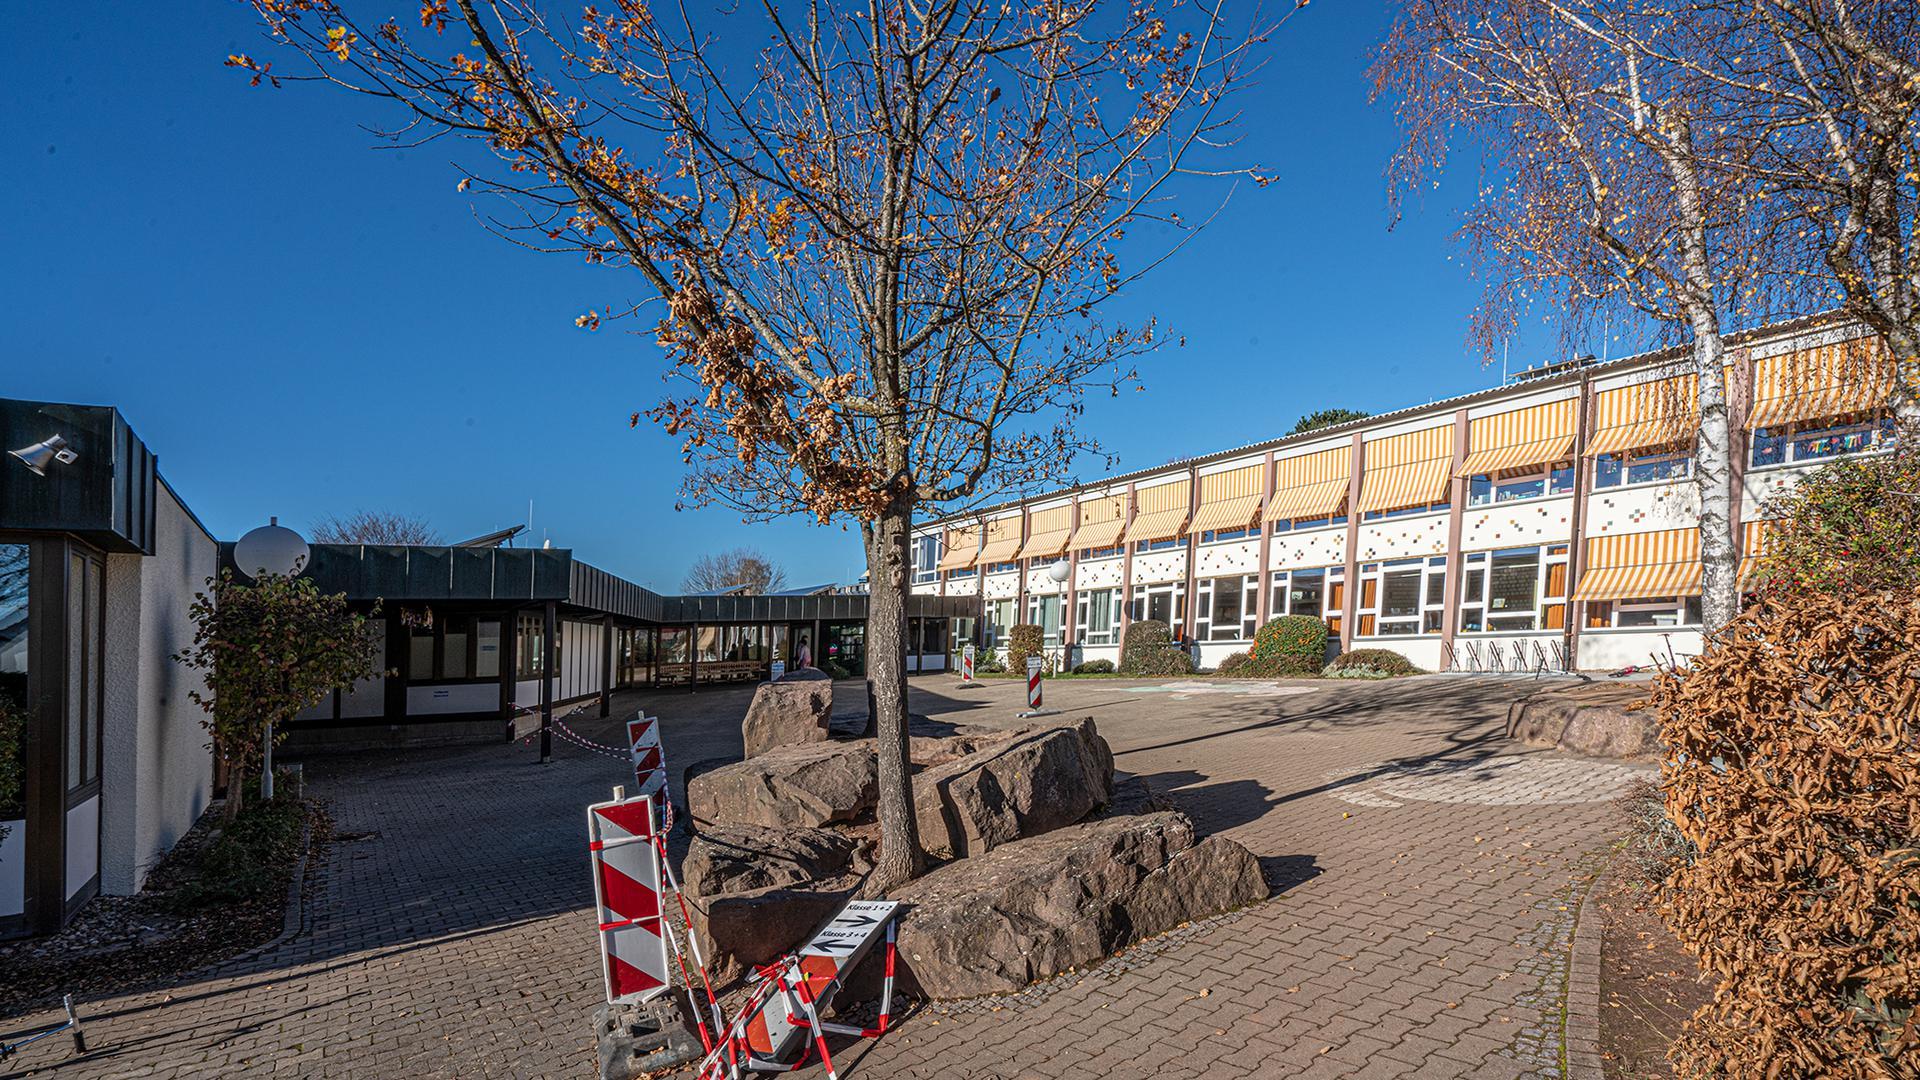 Schulgebäude von außen mit weitgehend entlaubten Bäumen